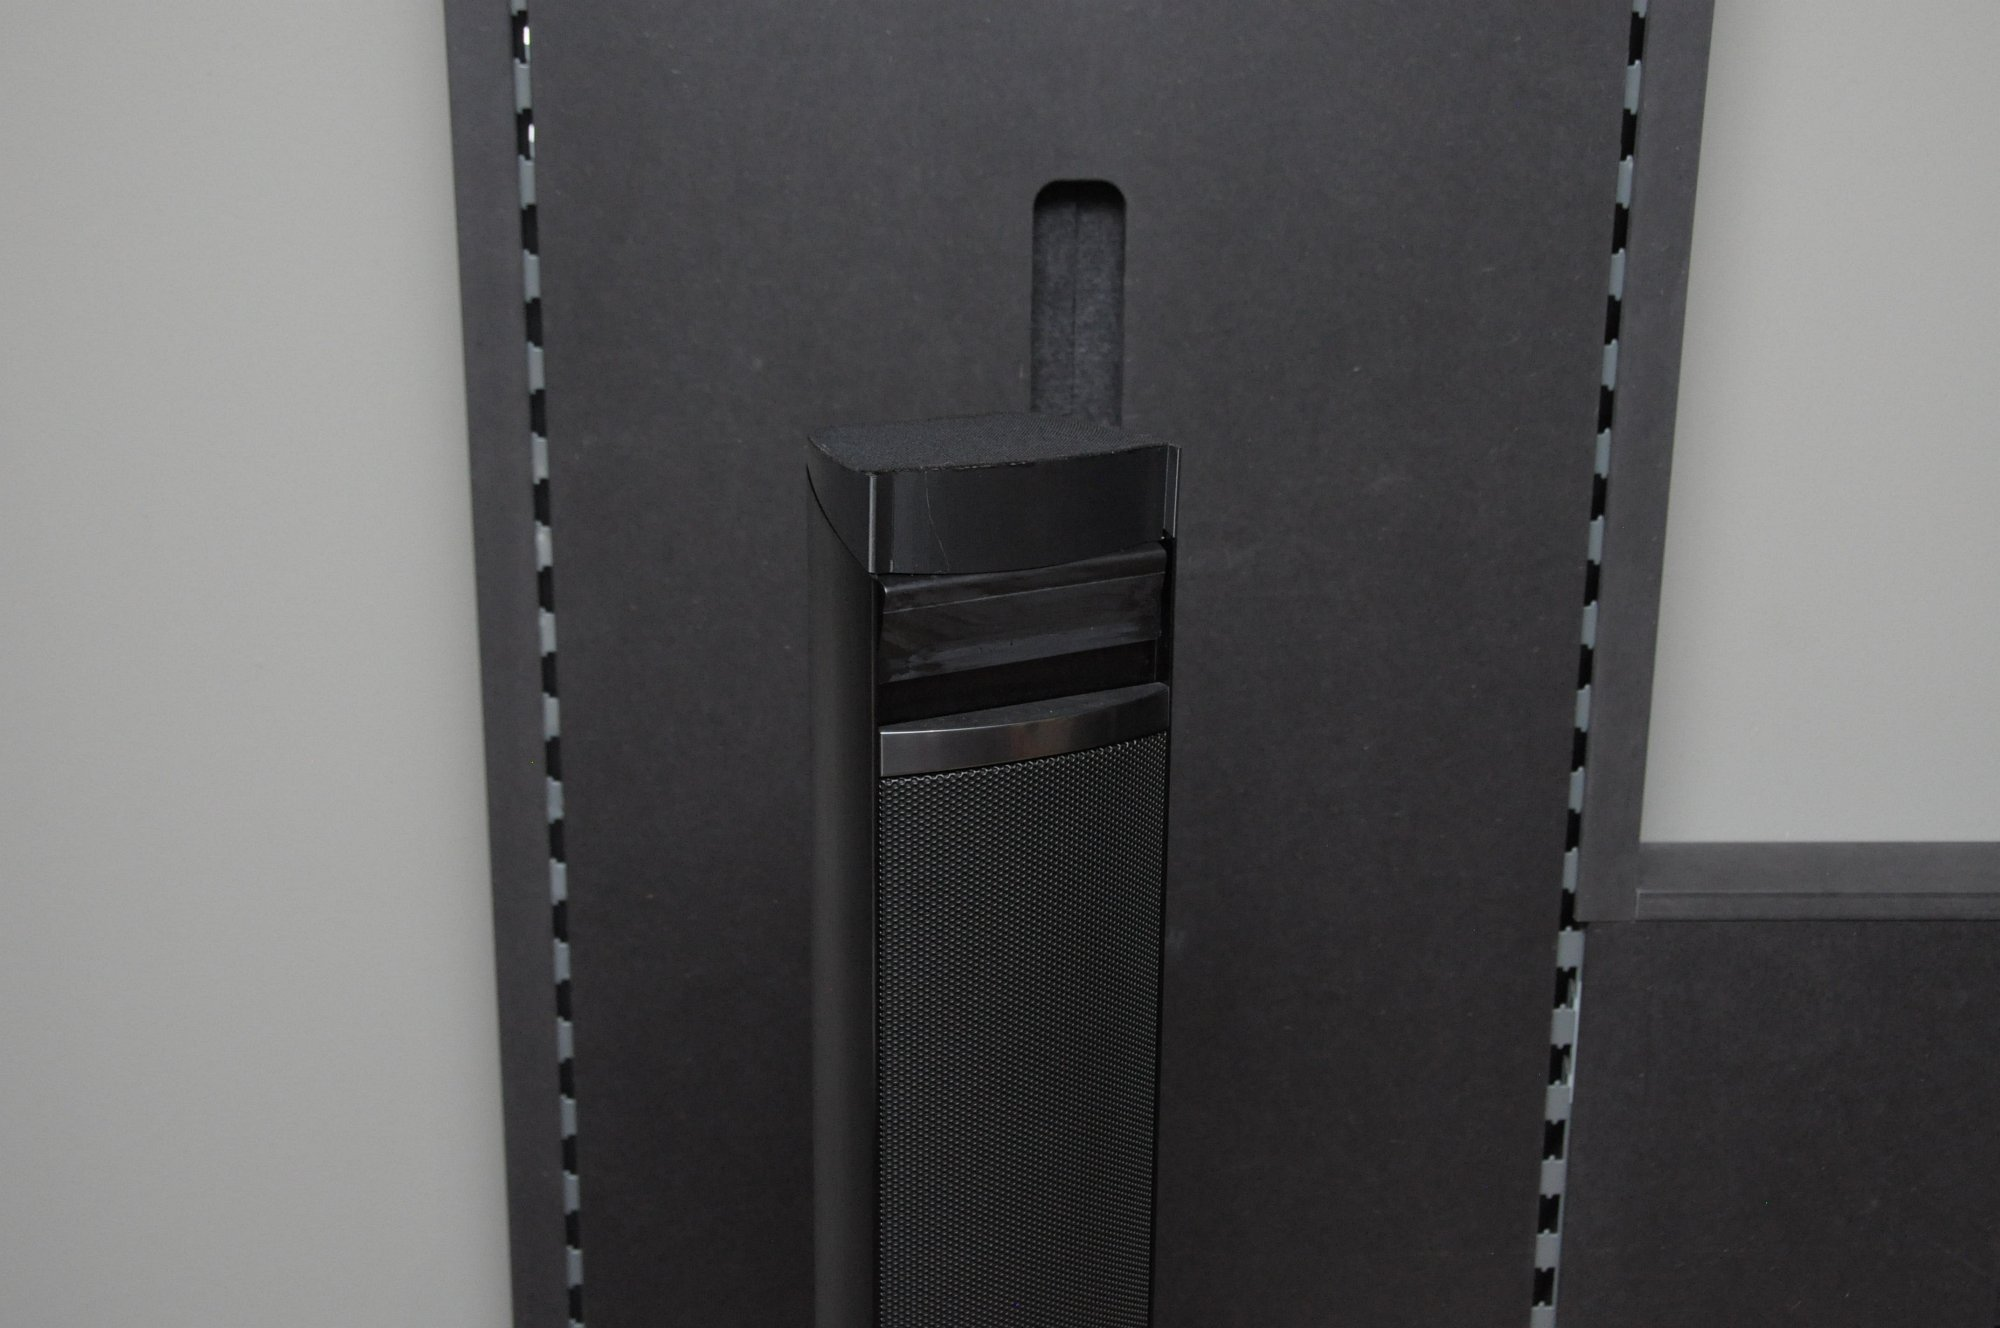 Dolby Atmos Probe gehört: Klang aus der Decke kommt fürs Heimkino - Noch ein Prototyp... (Foto: Andreas Sebayang/Golem.de)